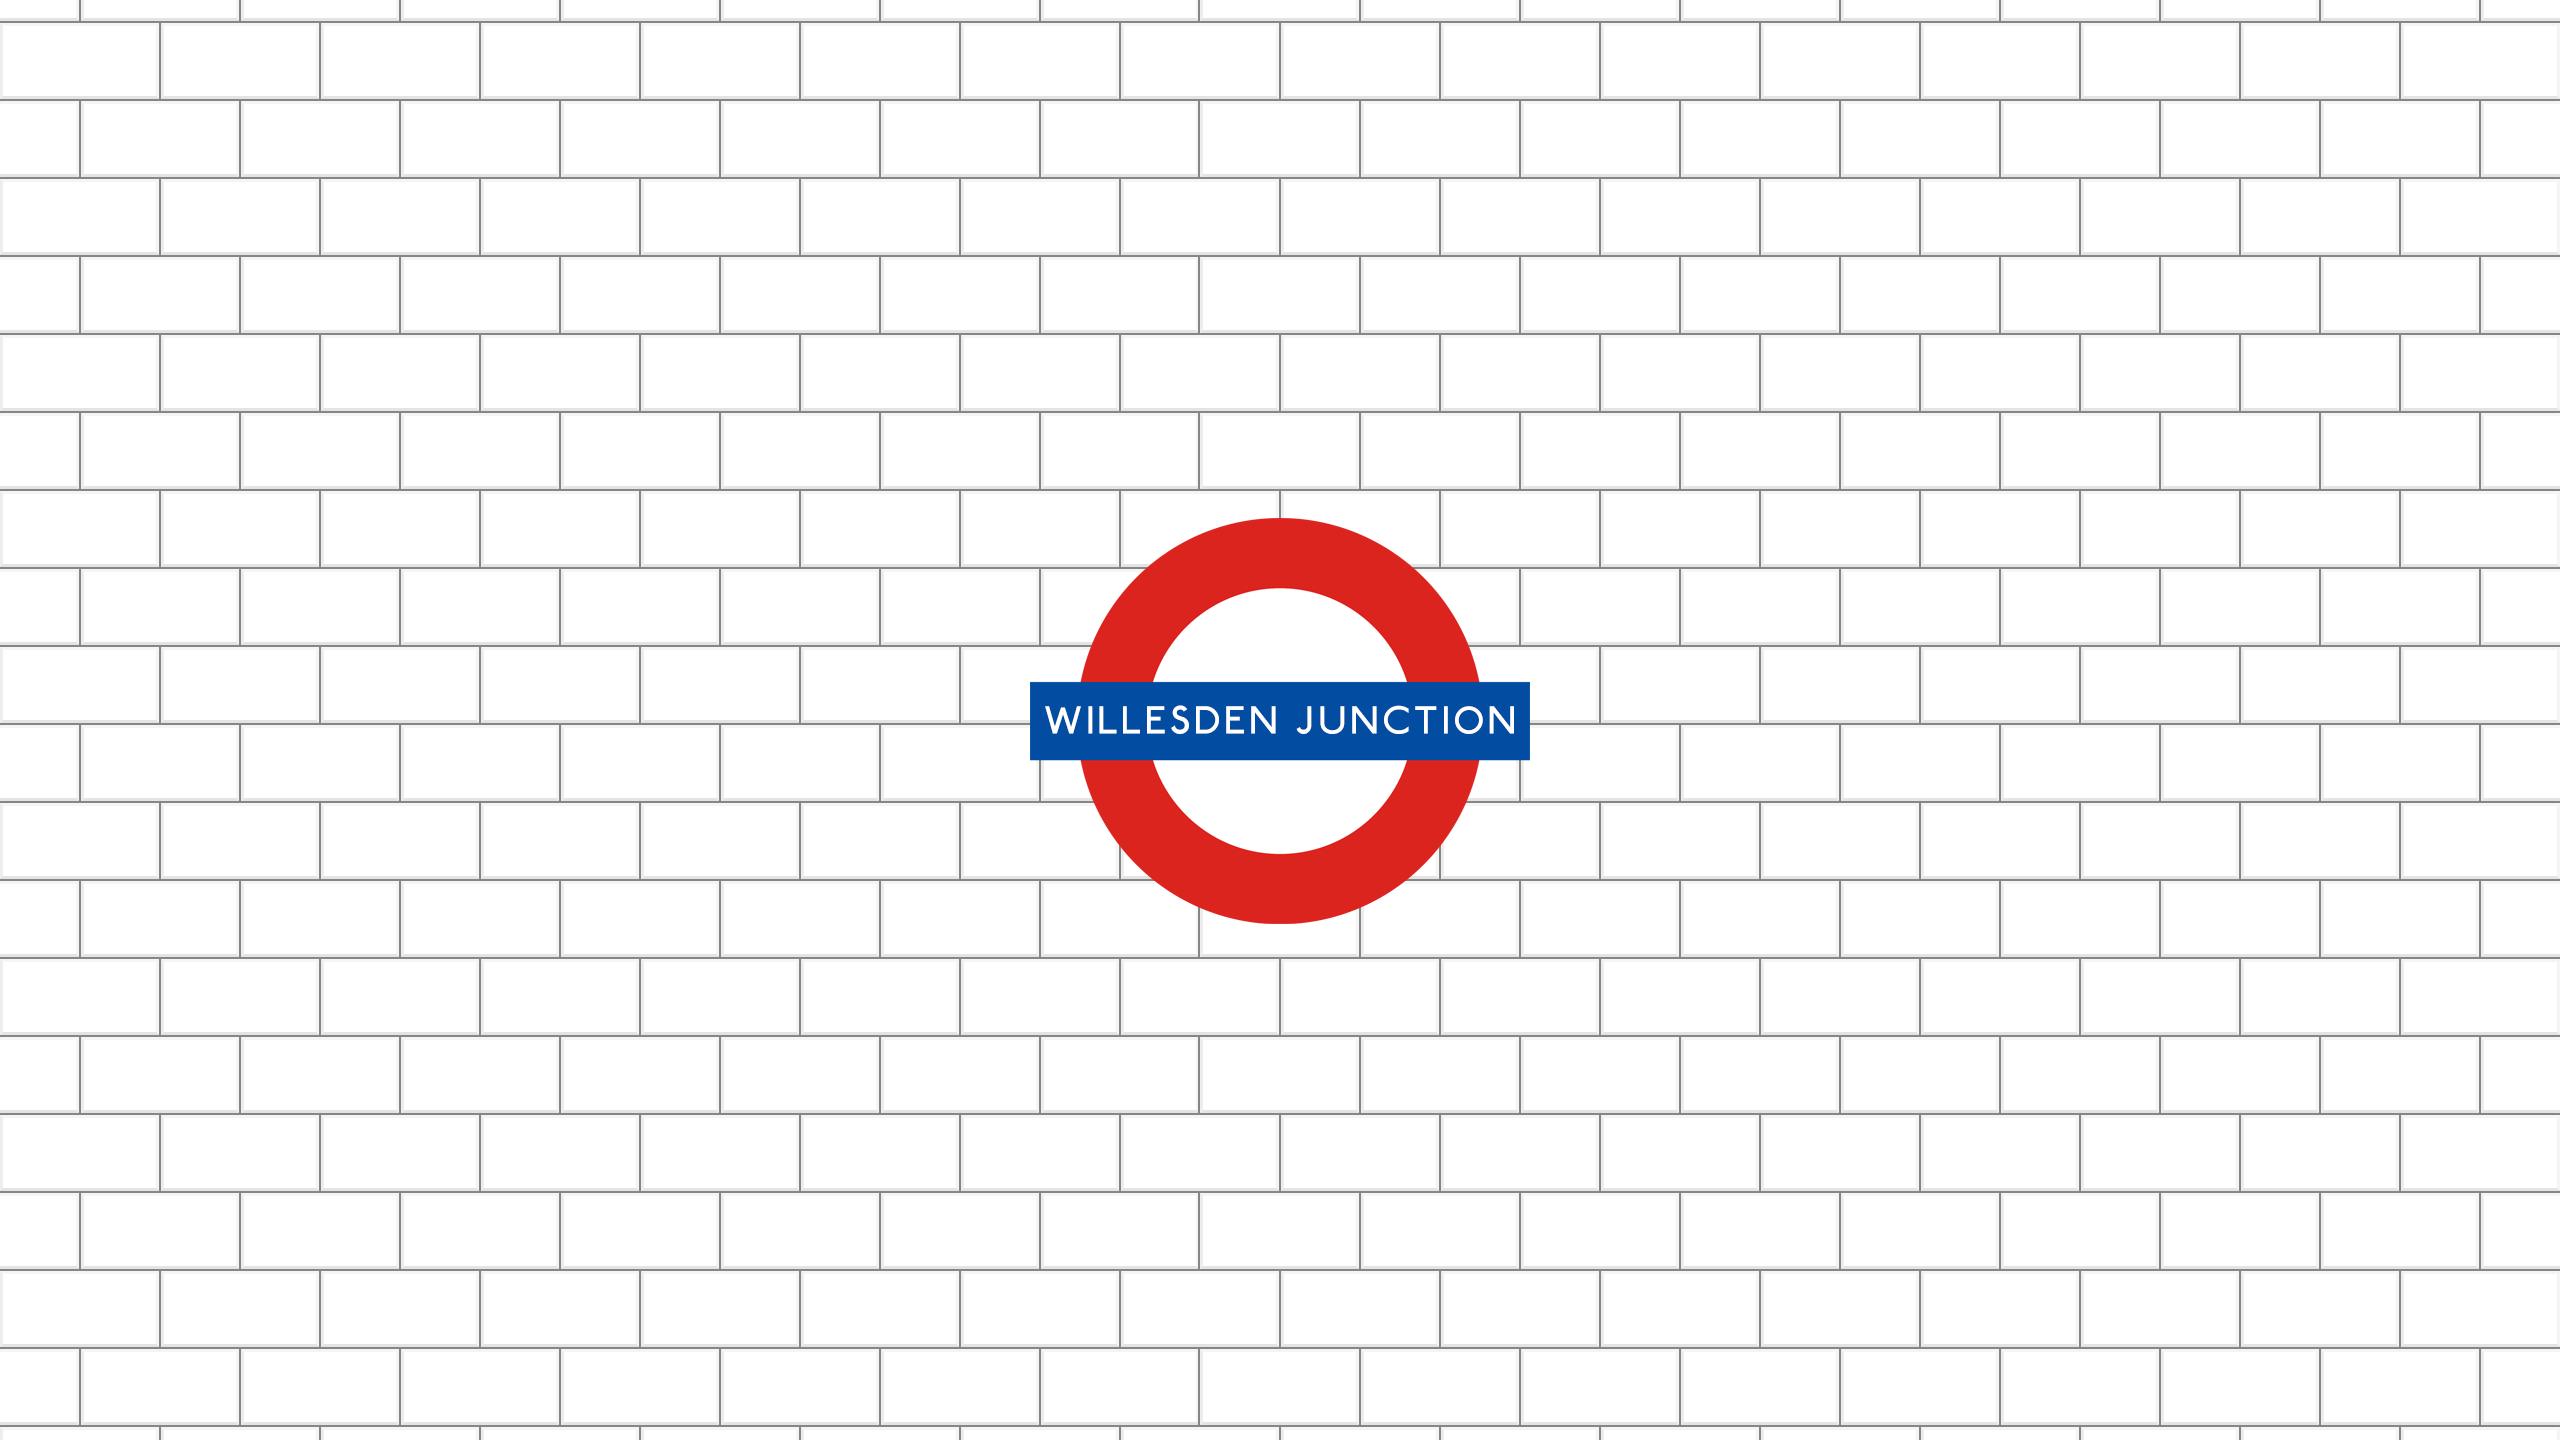 Willesden Junction